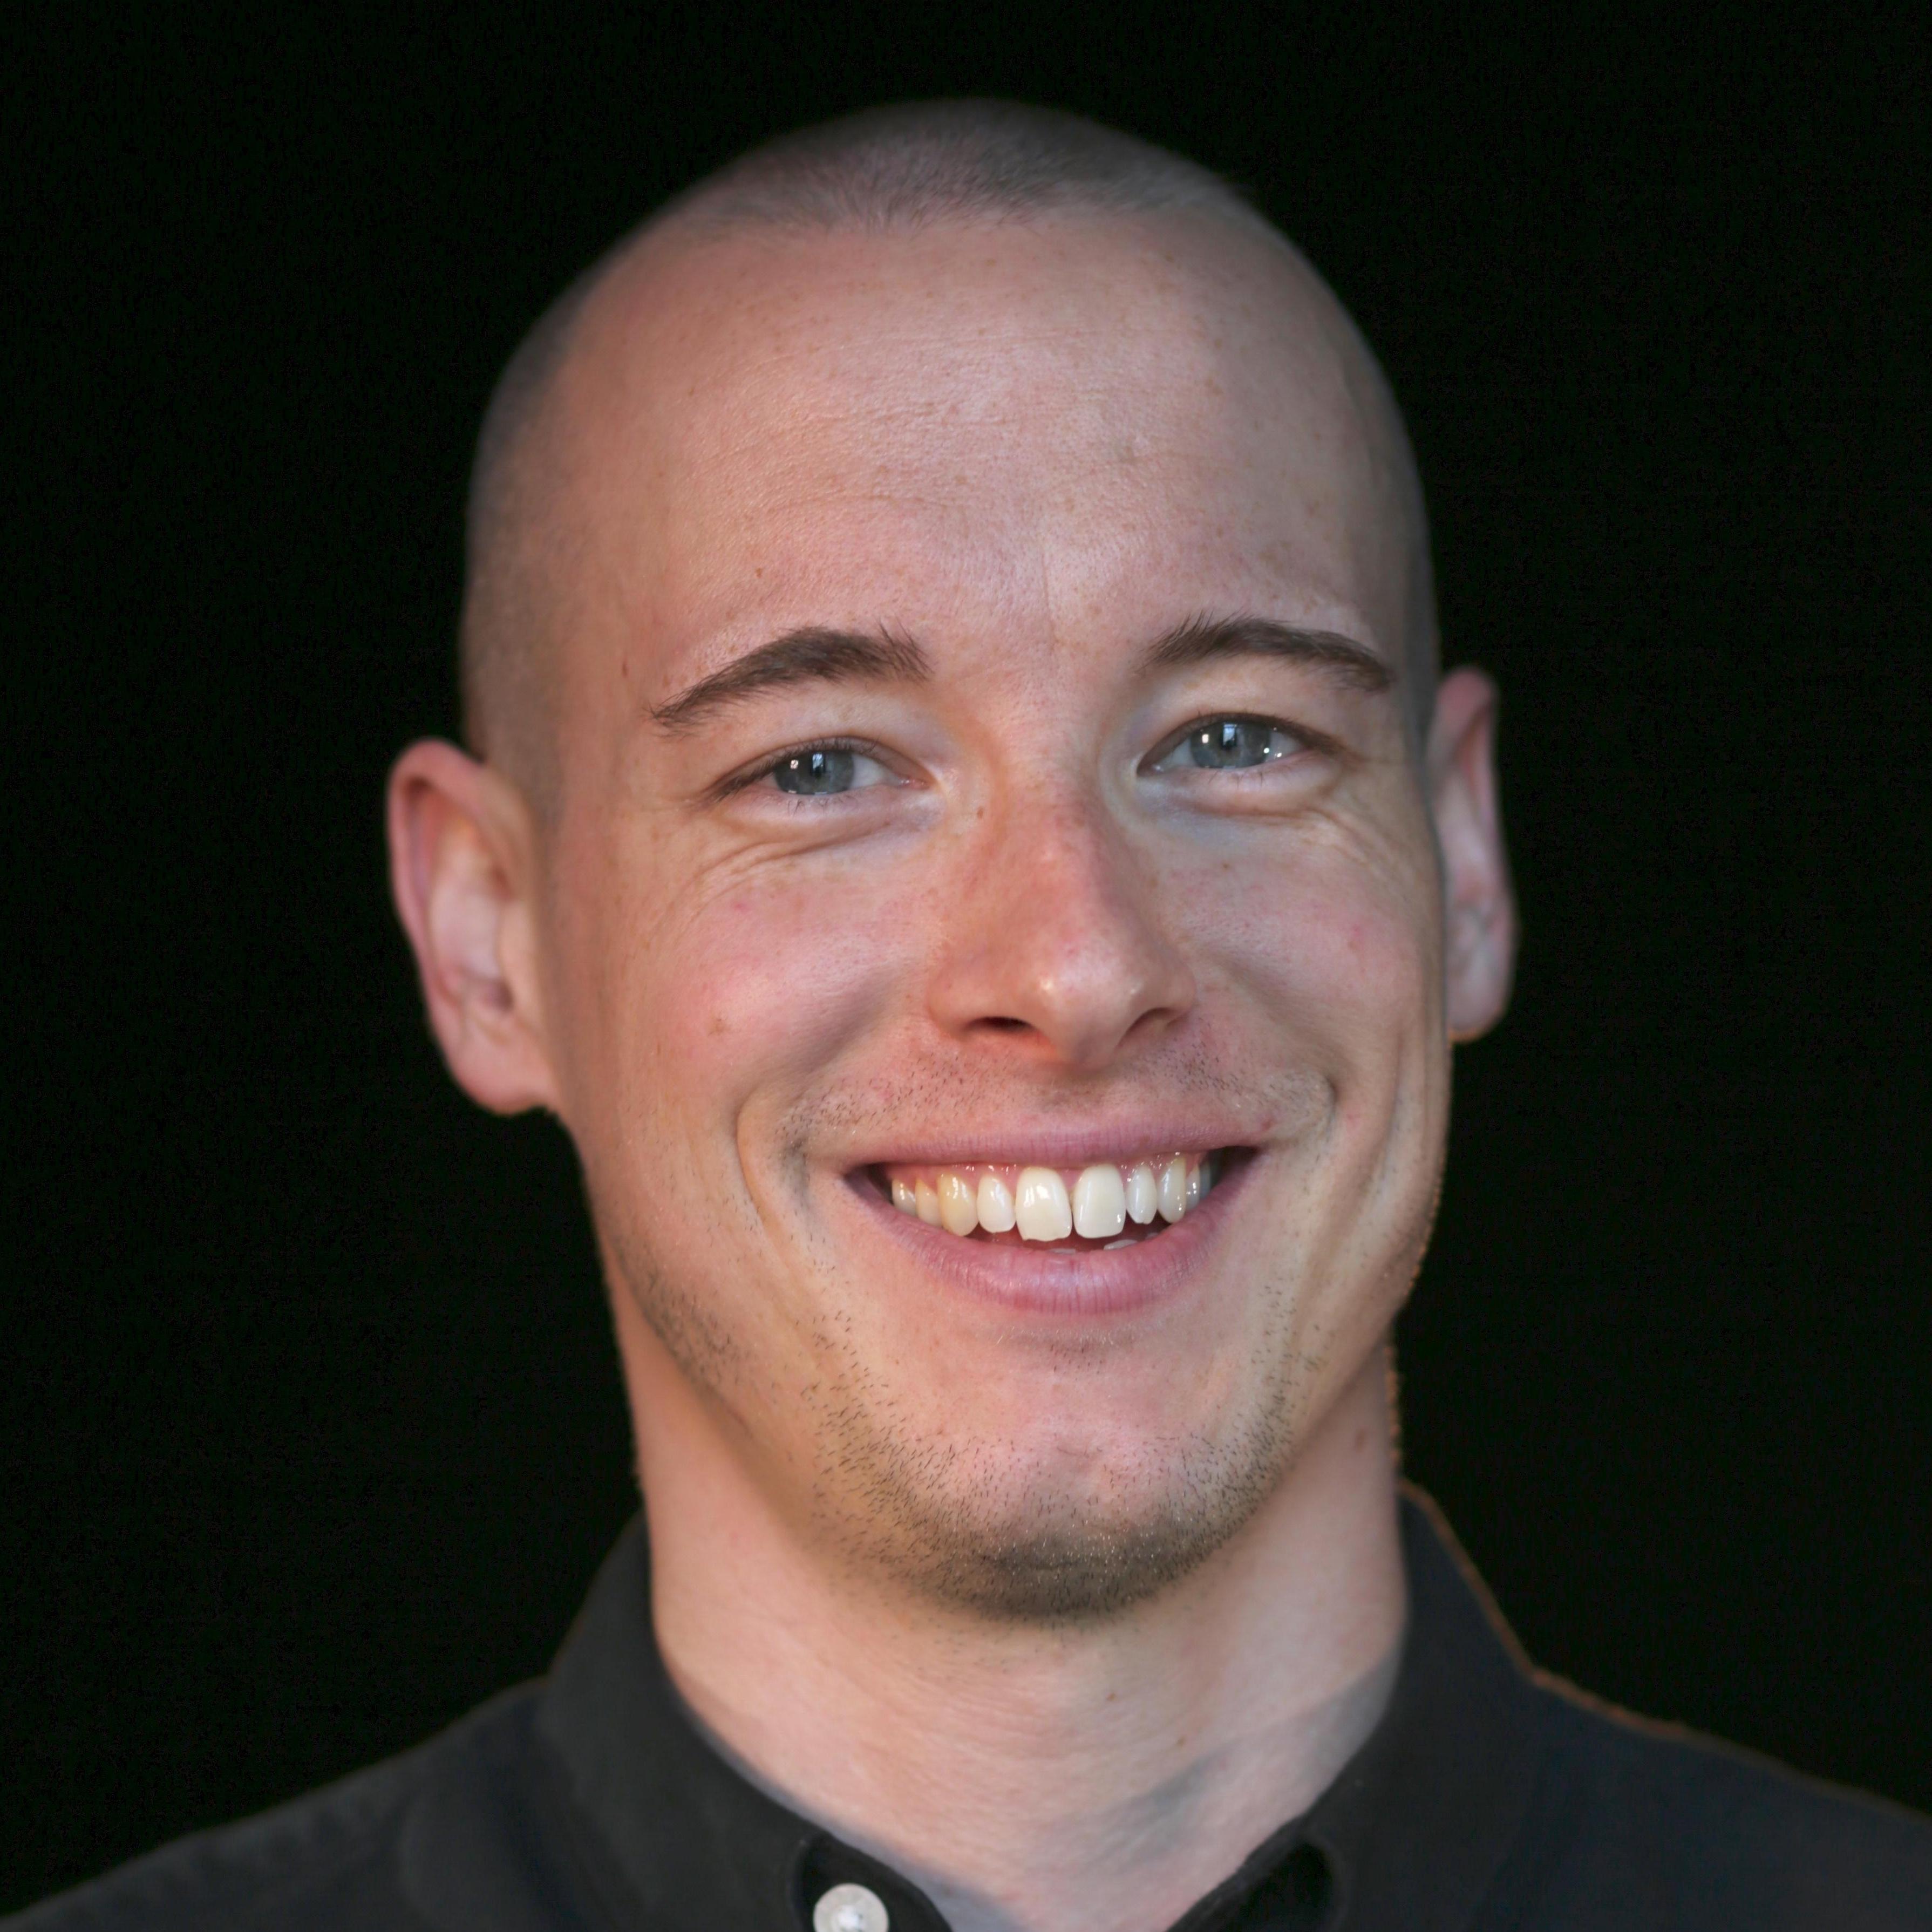 Lasse Berger